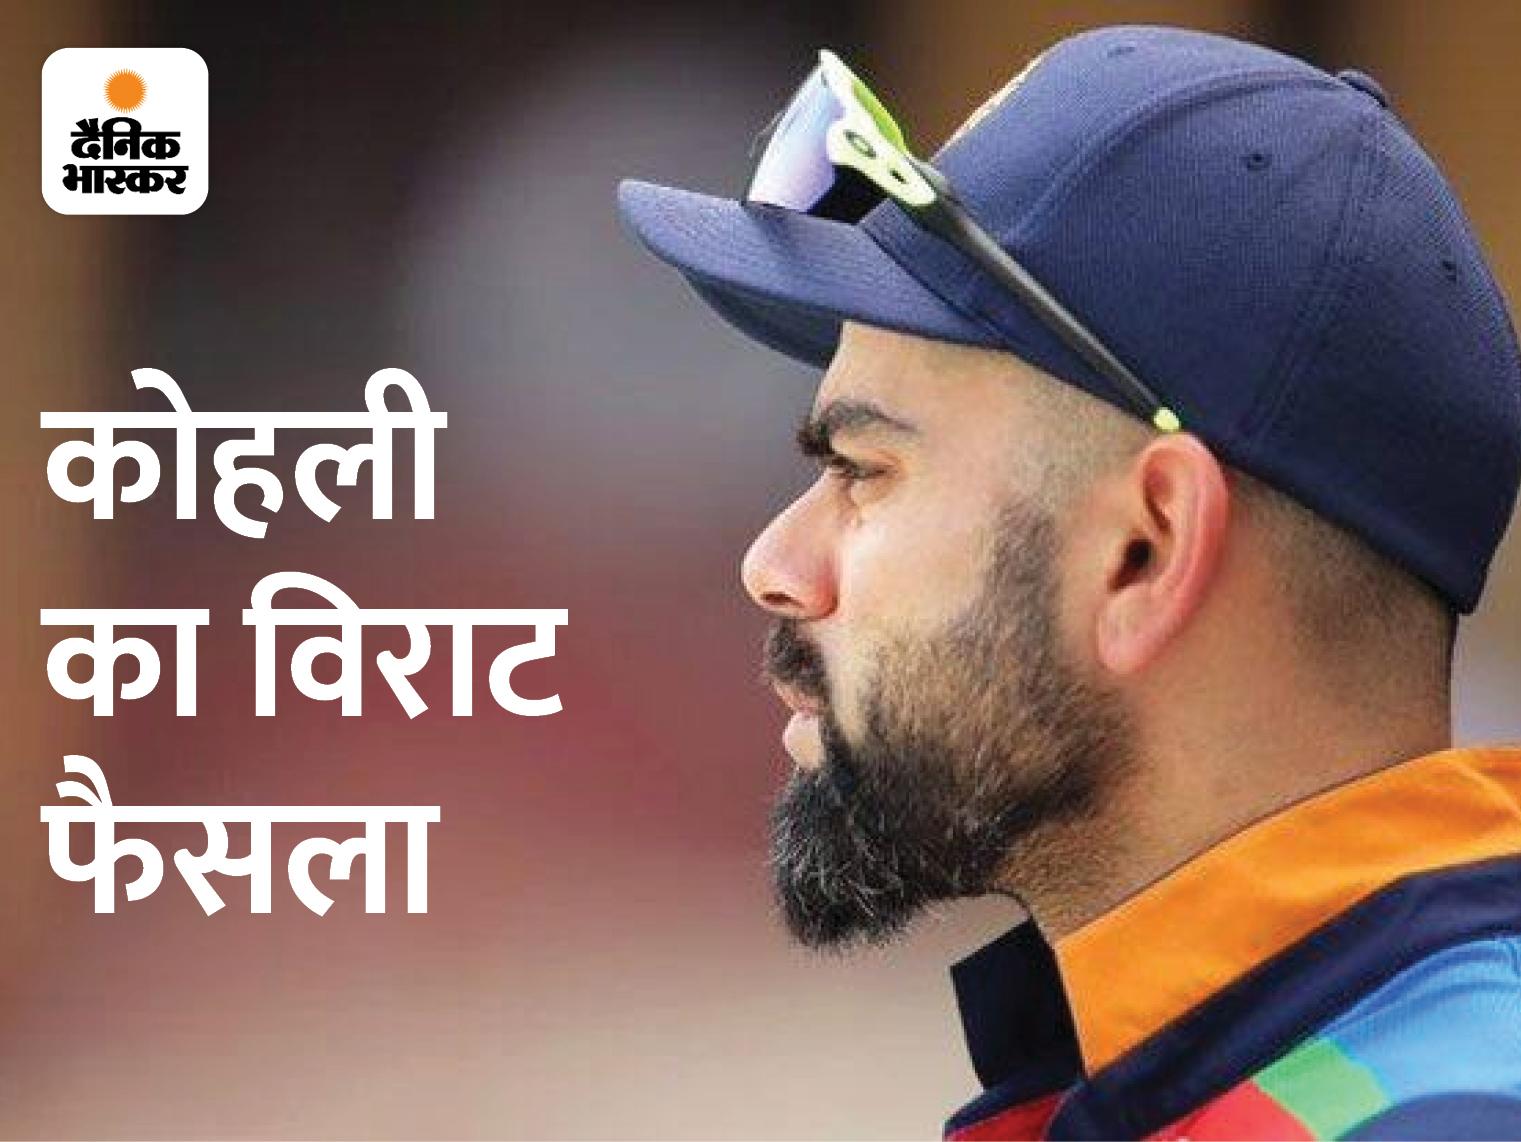 विराट ने किया टी-20 वर्ल्ड कप के बाद कप्तानी छोड़ने का ऐलान, चिट्ठी में वर्क लोड का हवाला दिया|देश,National - Dainik Bhaskar